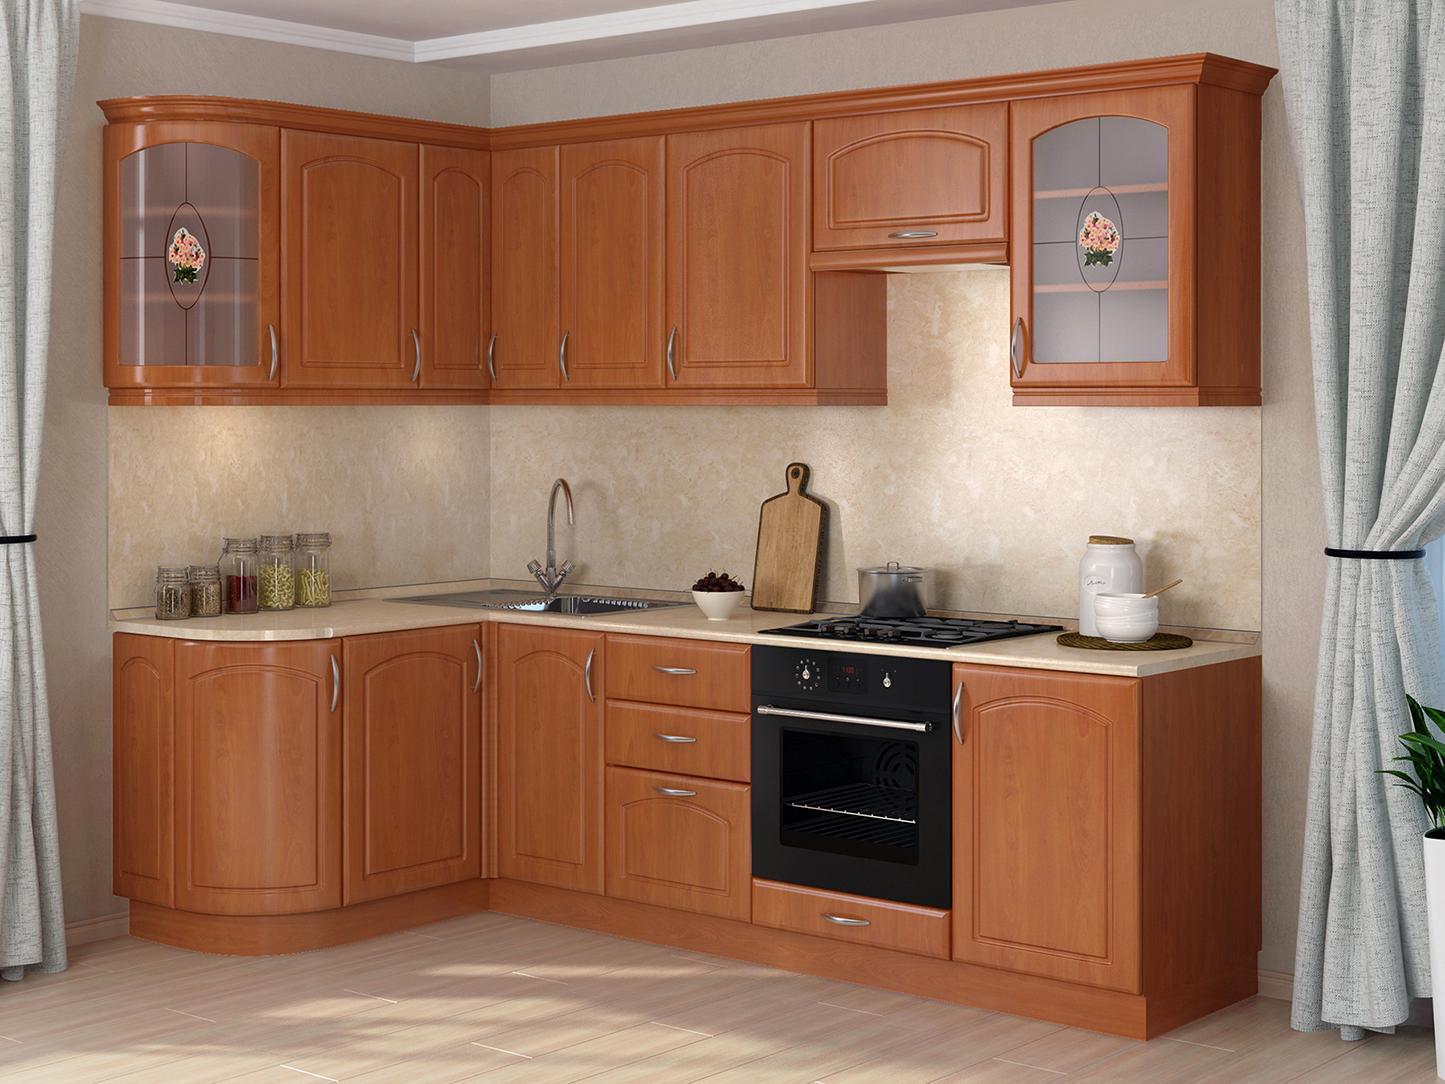 Кухонный гарнитур Трапеза Классика 1435x2000 (II категория)